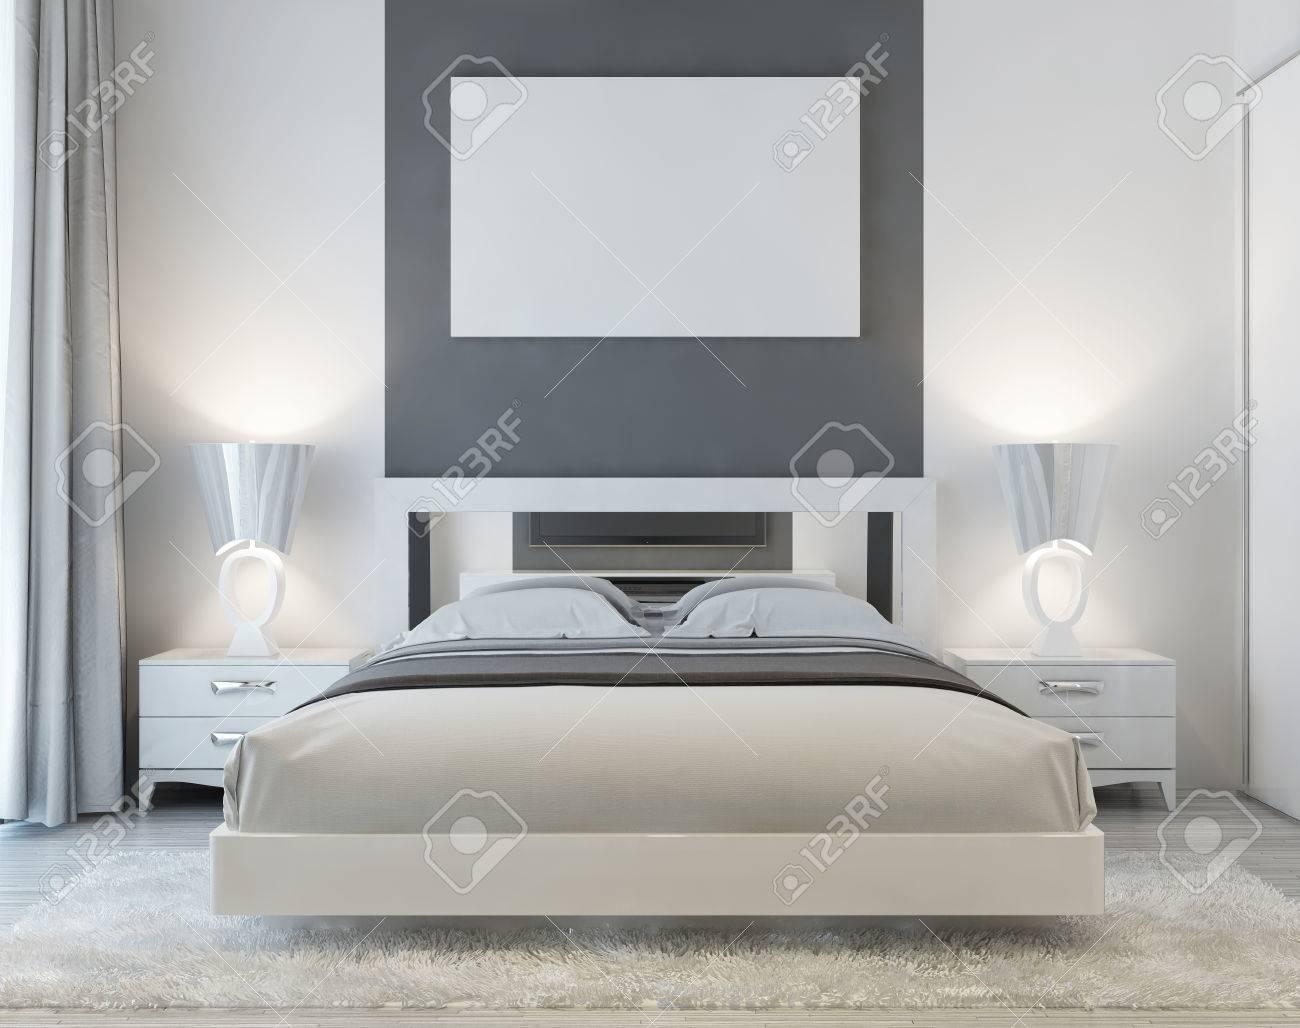 Vista frontale della camera da letto in stile Art Déco con poster Mocap sul  muro con due comodini e un tappeto shaggy bianco. Luce soffusa dalla ...